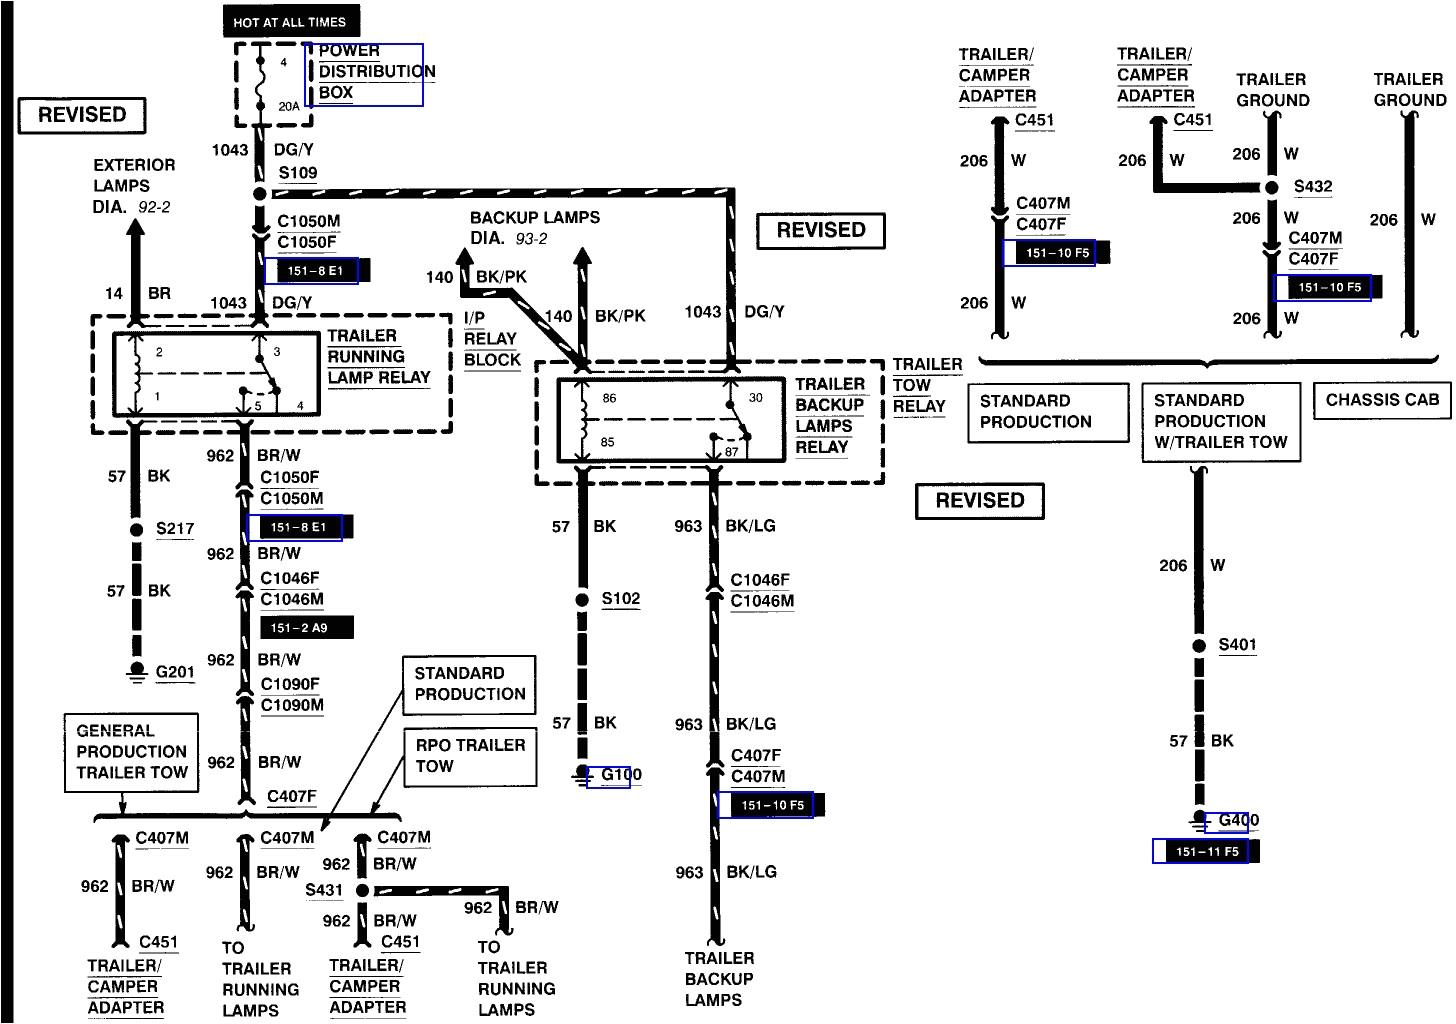 99 f350 wiring schematic diagrams schematics in 1999 ford diagram within 1999 ford f350 wiring diagram jpg